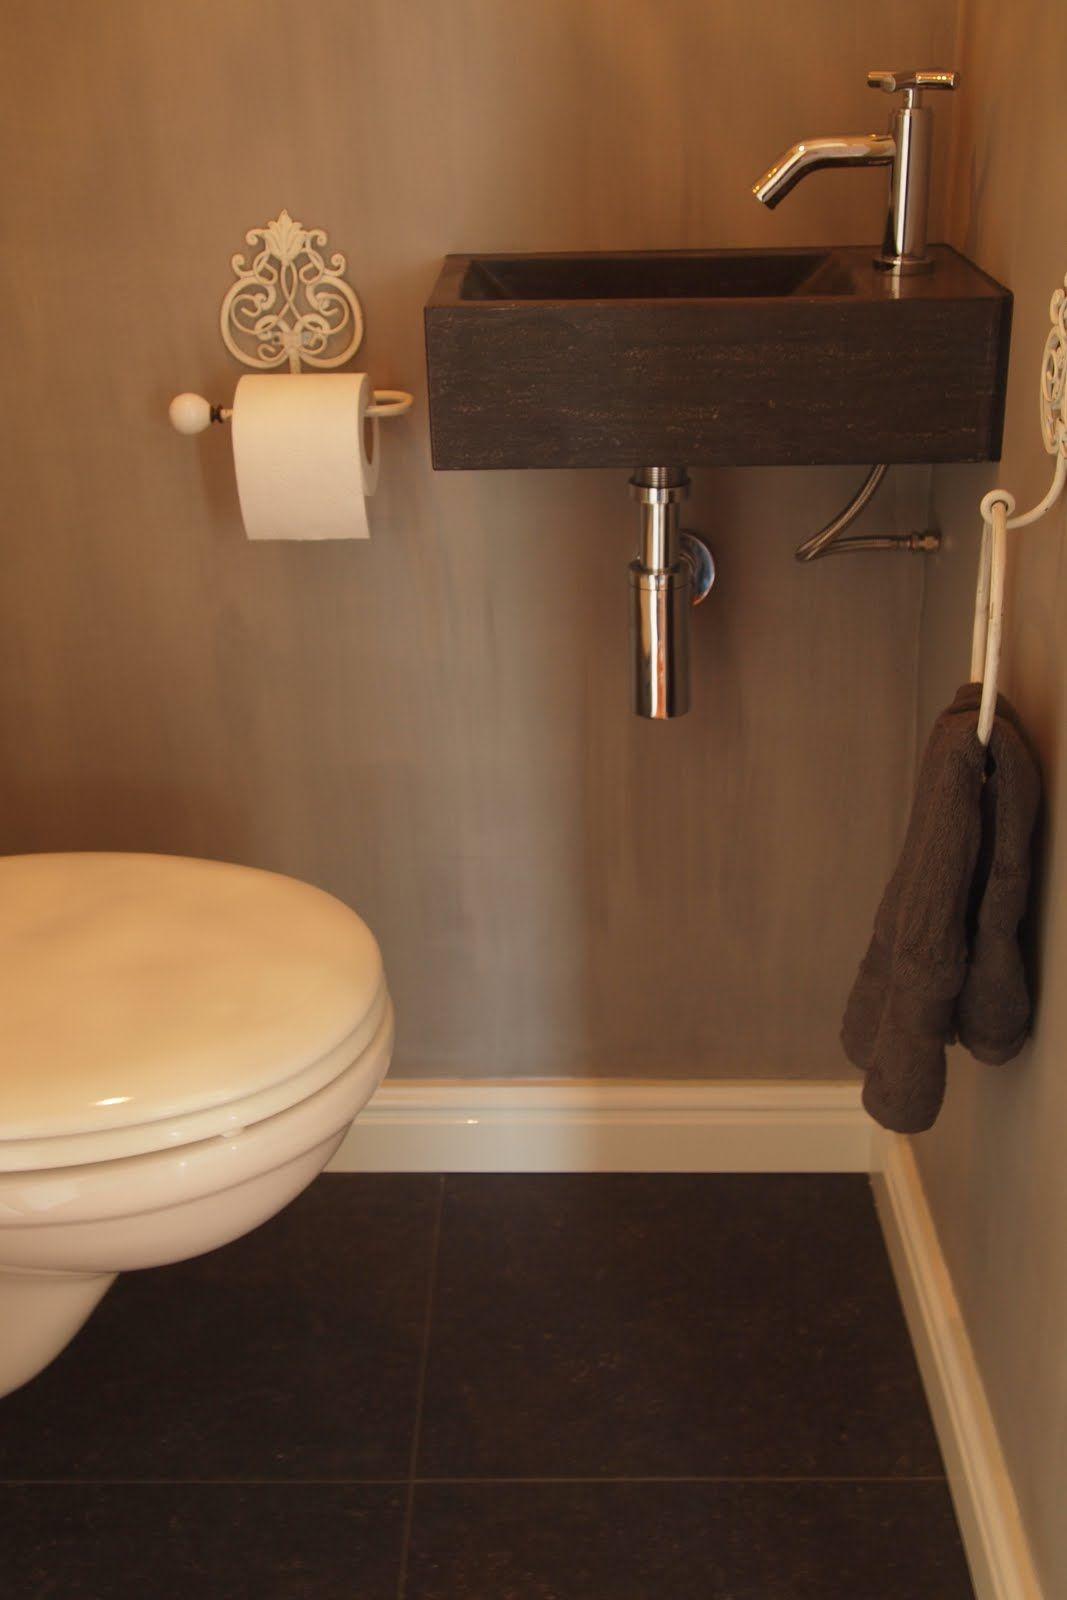 Landelijke stijl op het toilet home interior pinterest toilets powder and classic style - Decoratie van wc ...